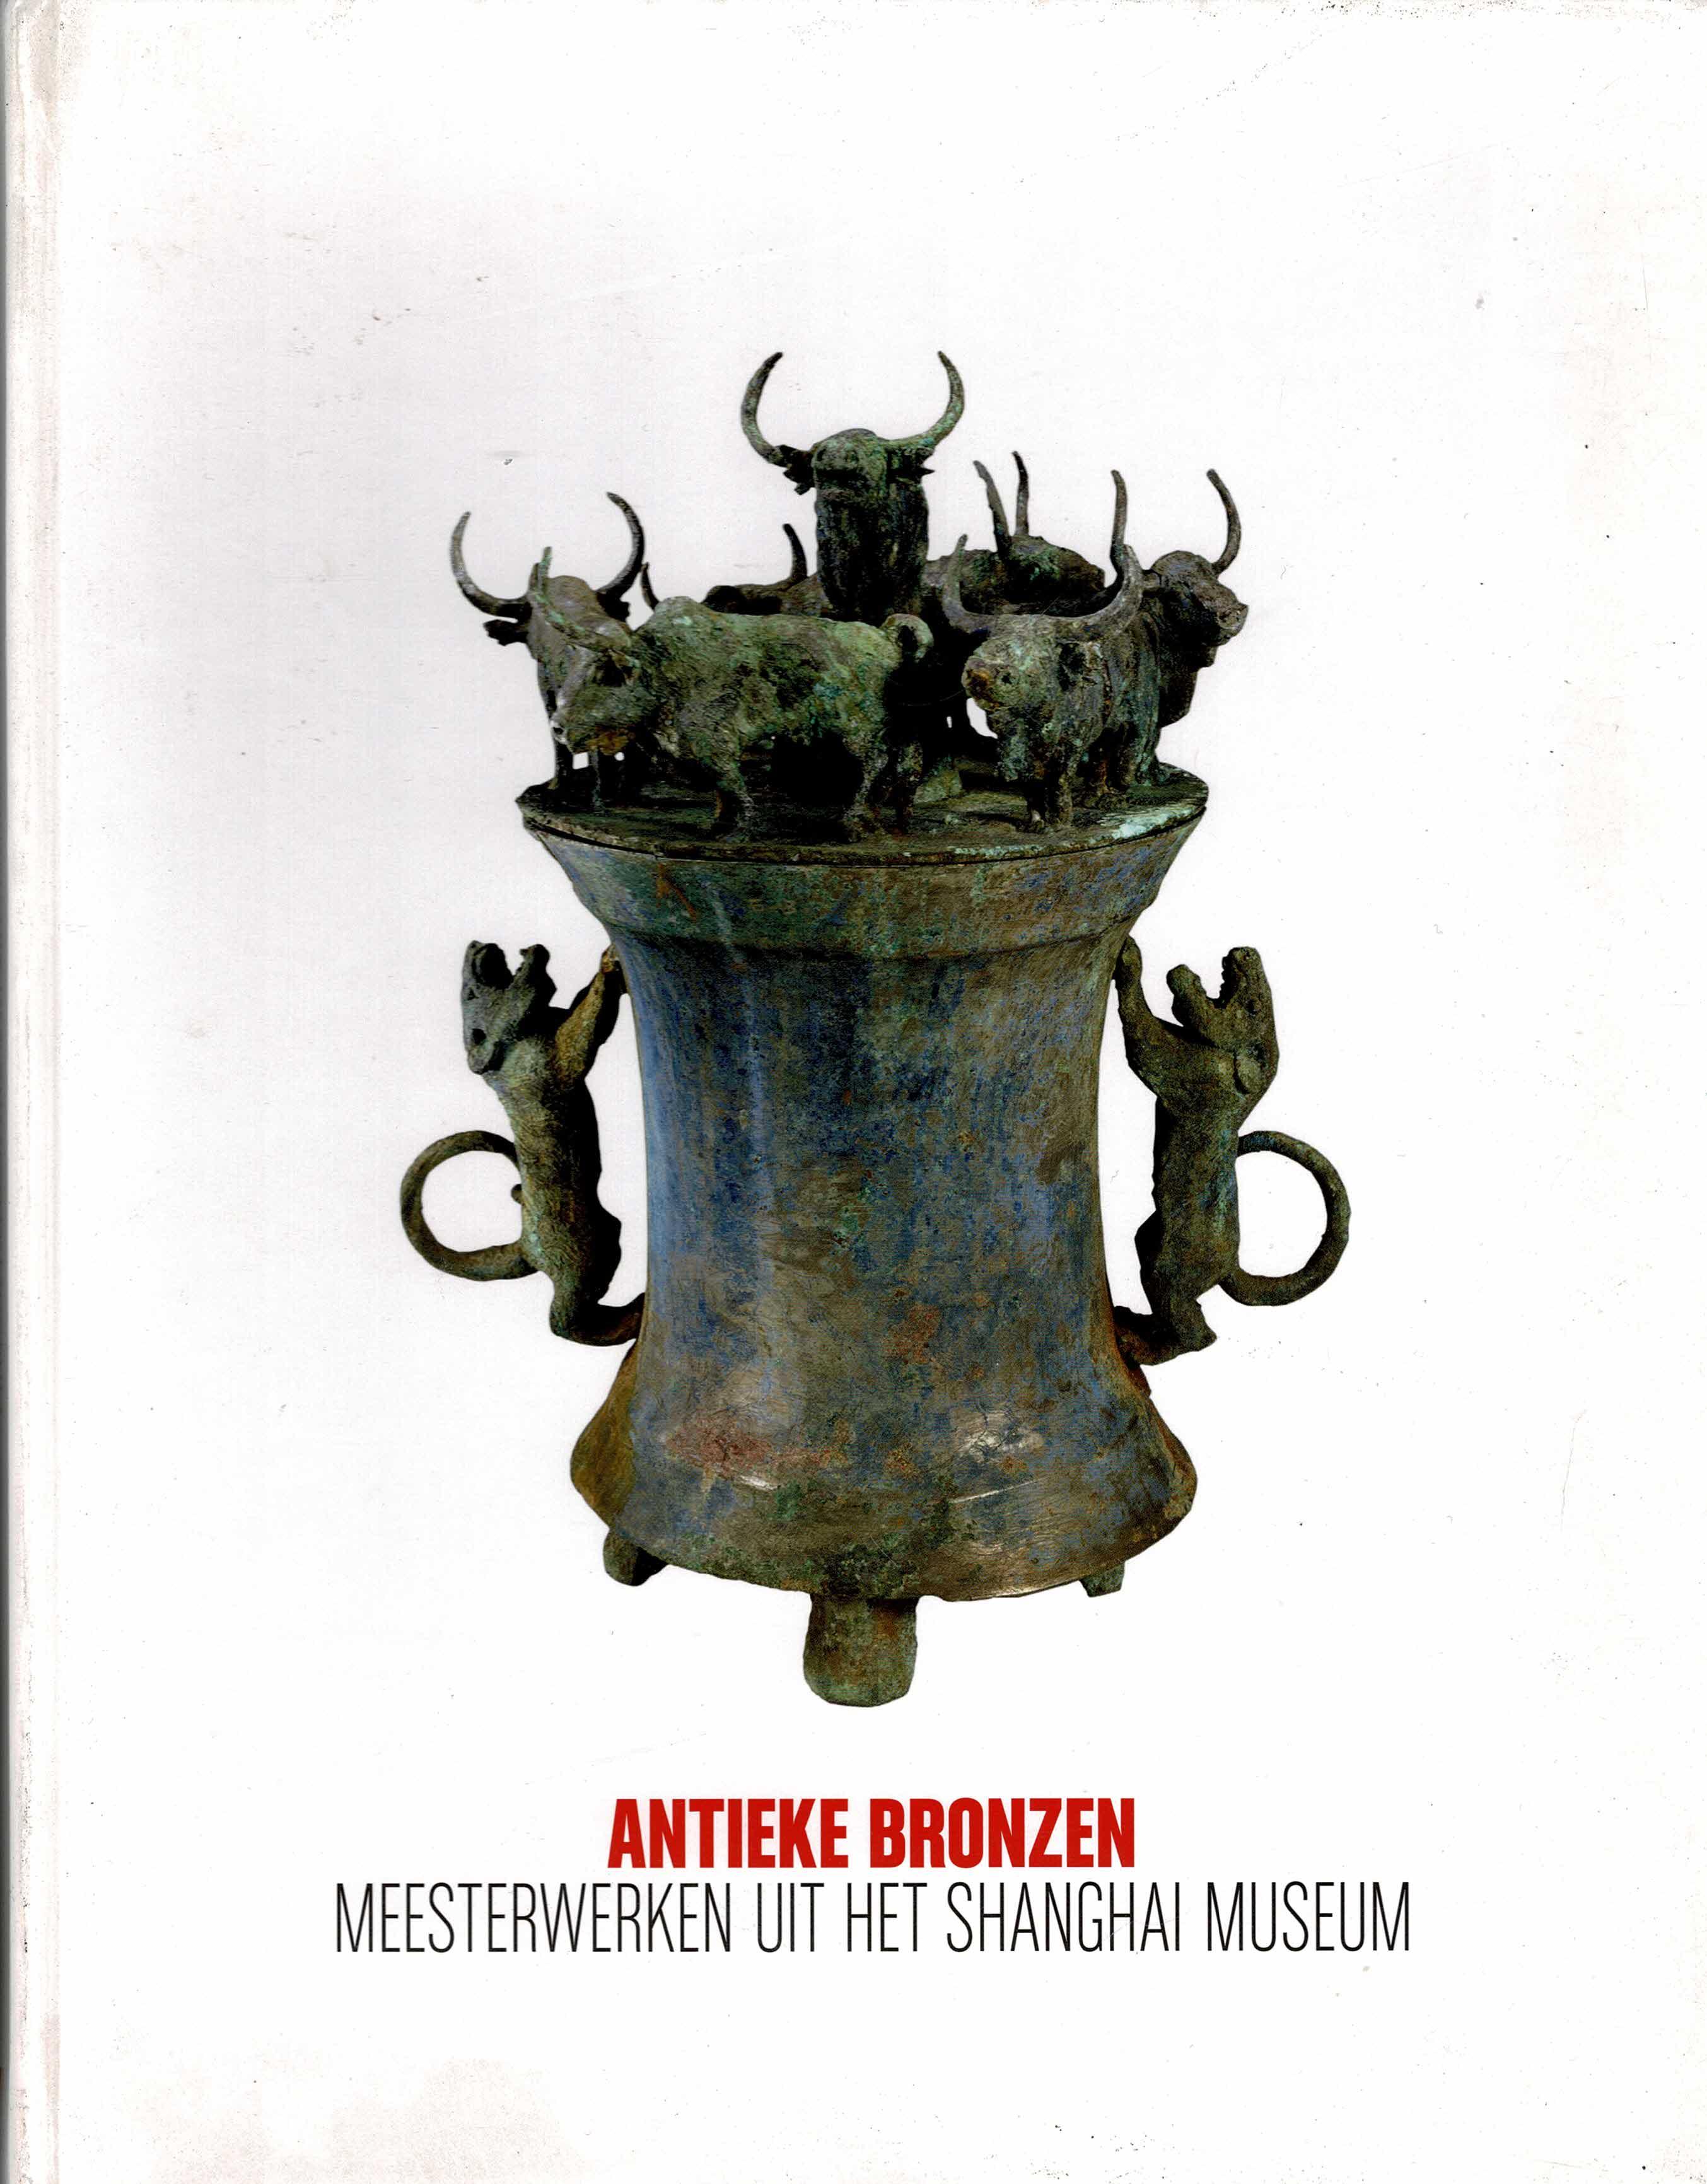 WUESTMAN, GERDIEN - Antieke Bronzen. Meesterwerken uit het Shanghai Museum